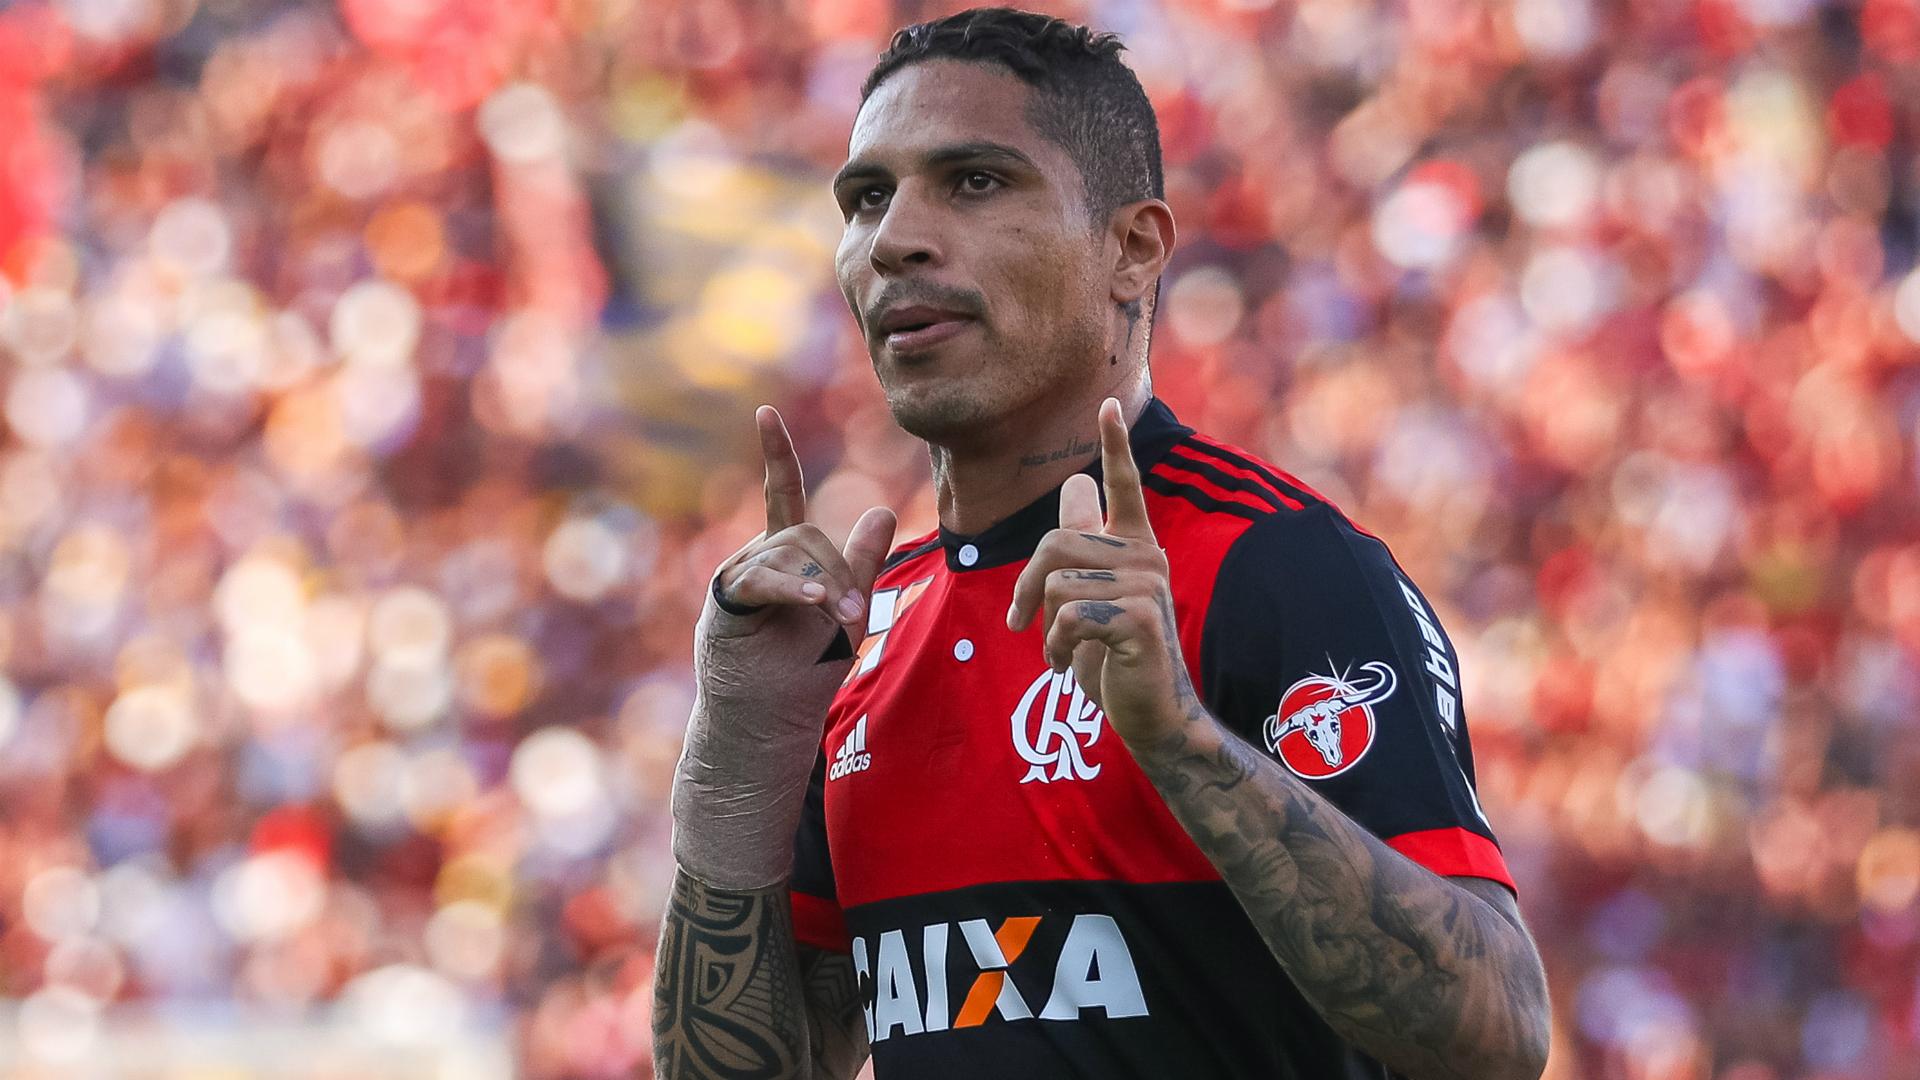 El peruano Paolo Guerrero tiene suspendido su contrato con el Flamengo